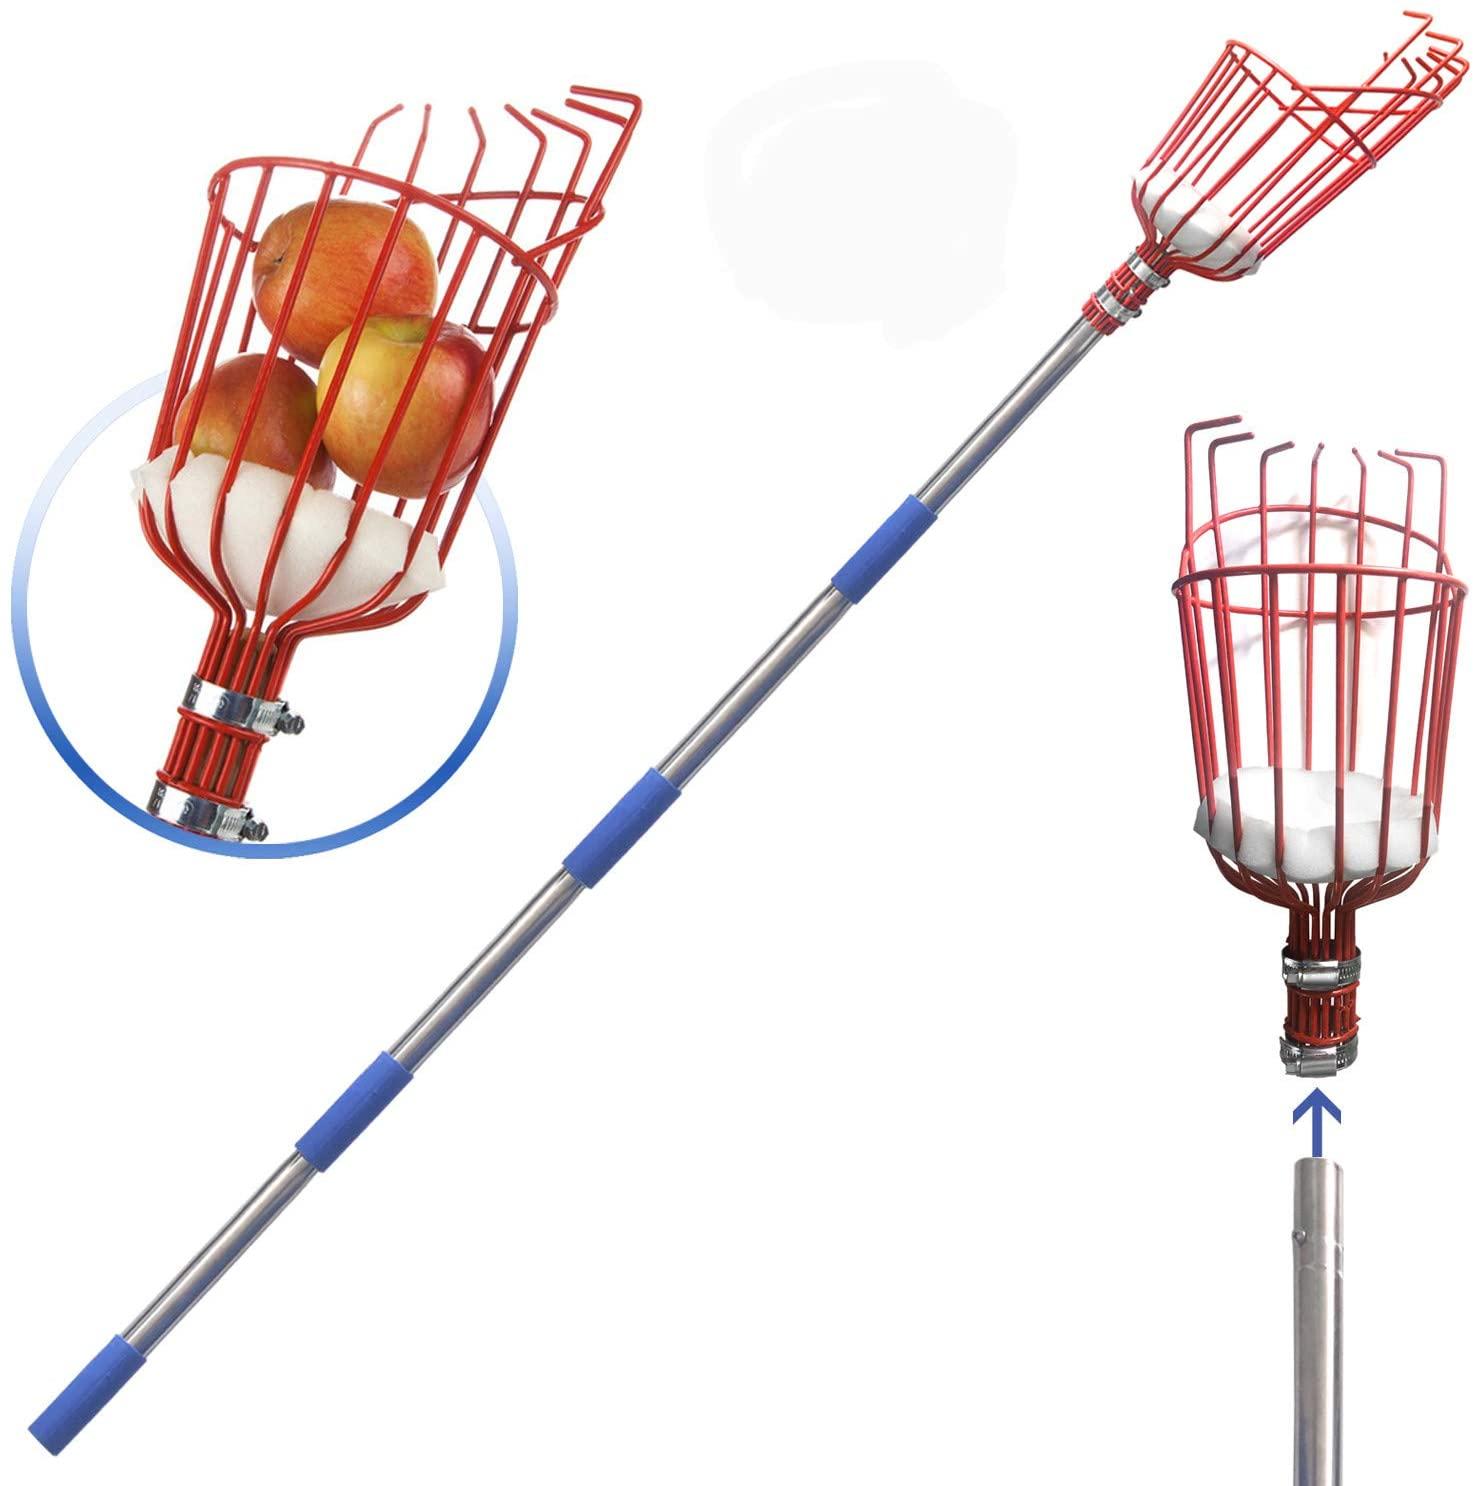 SANDEGOO Fruit Picker Tool